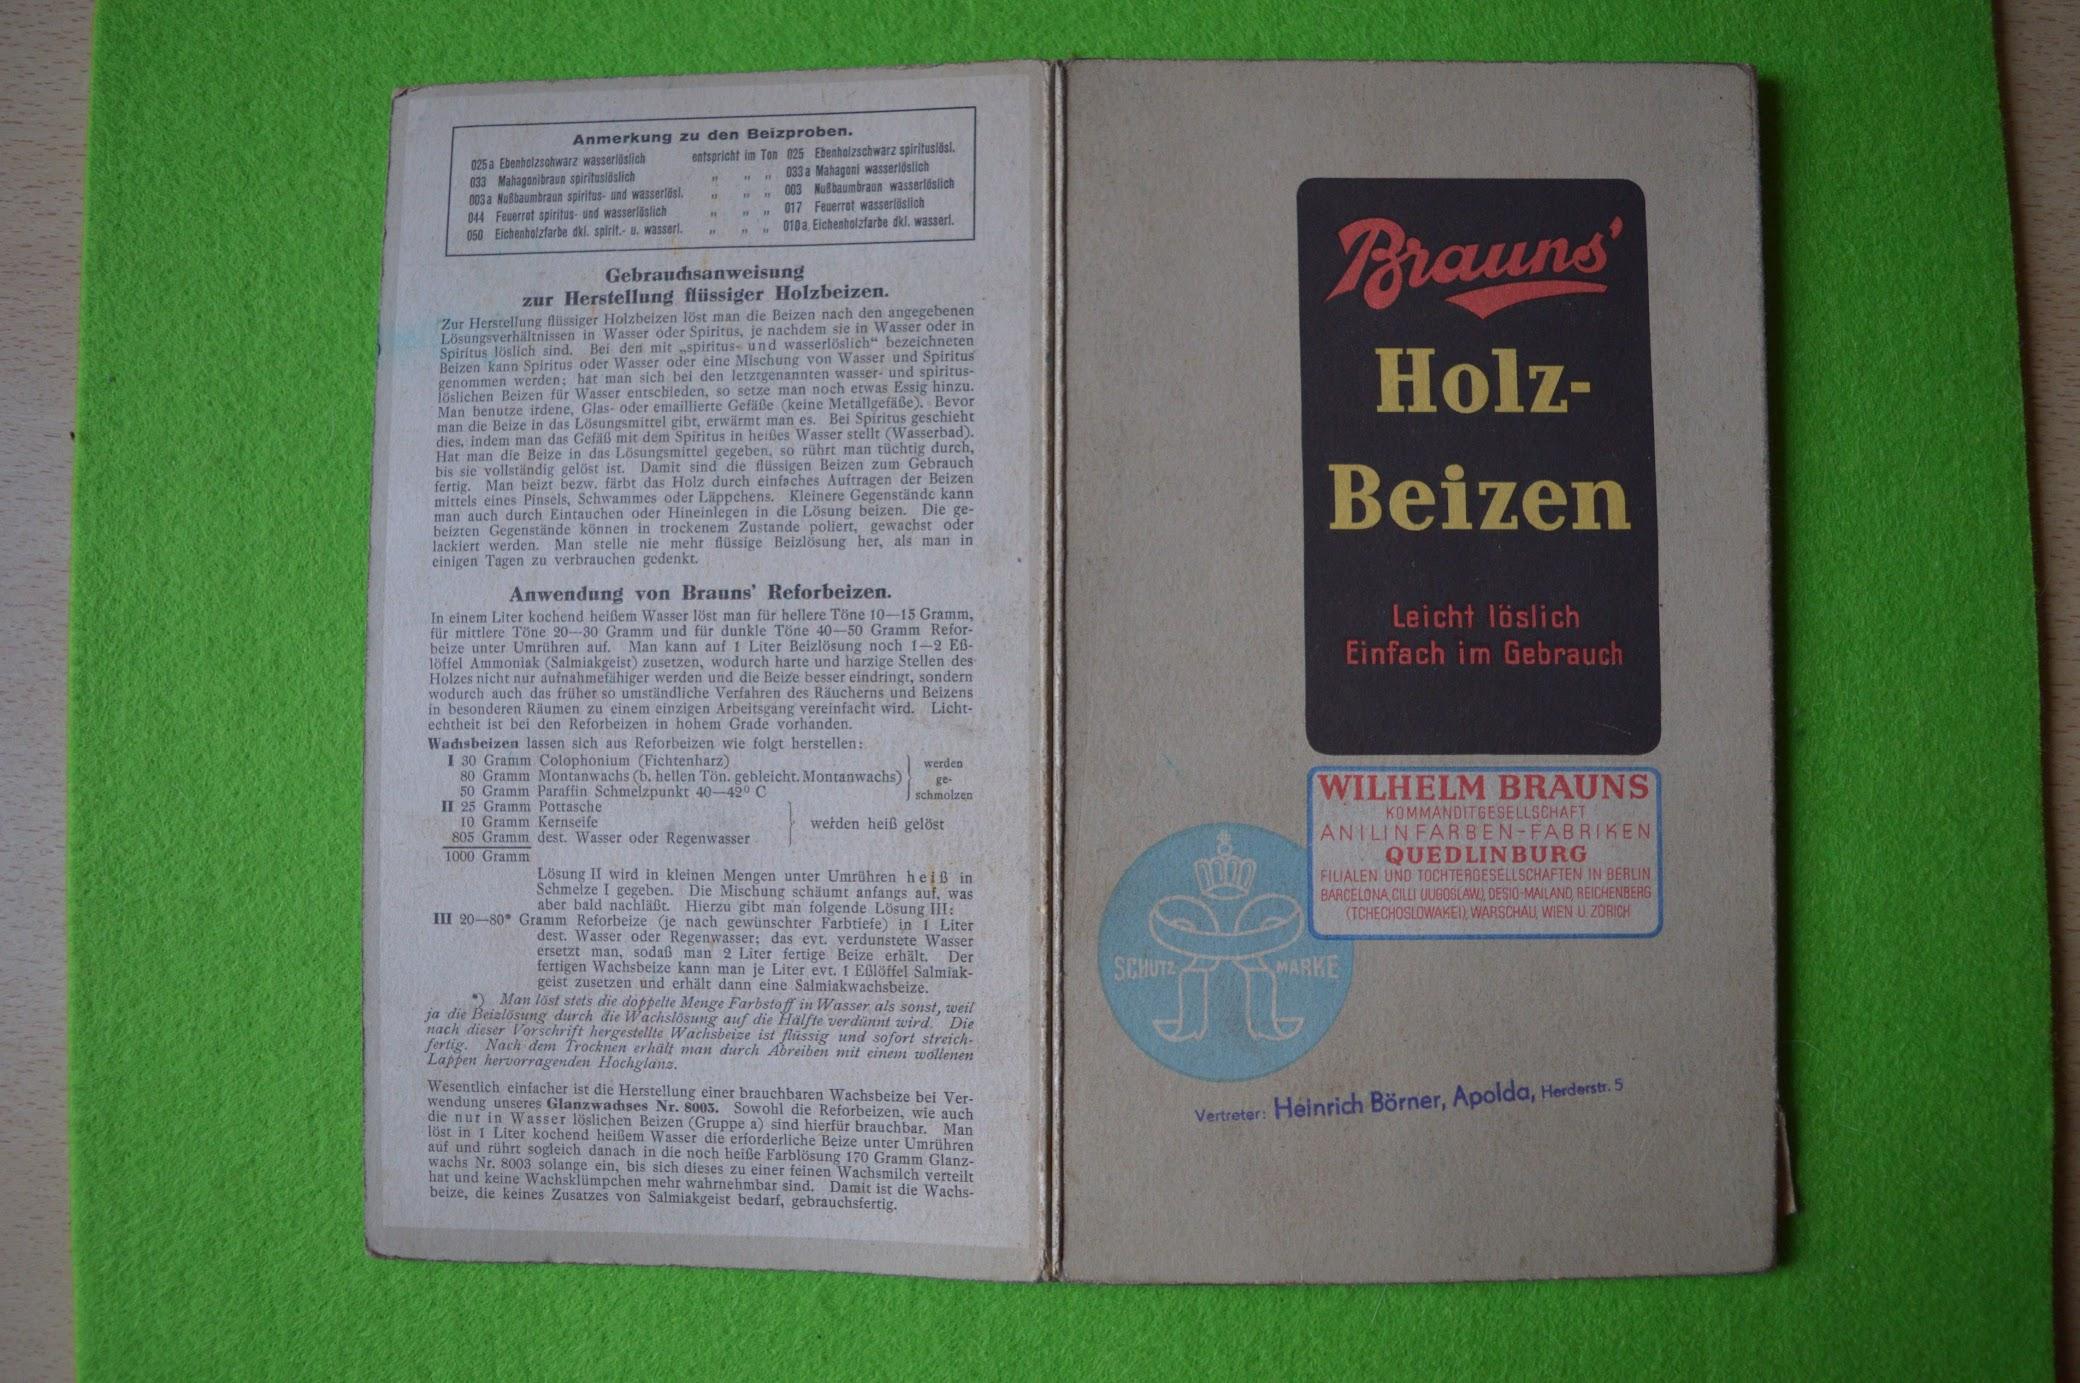 Brauns' Holz-Beizen, Quedlinburg